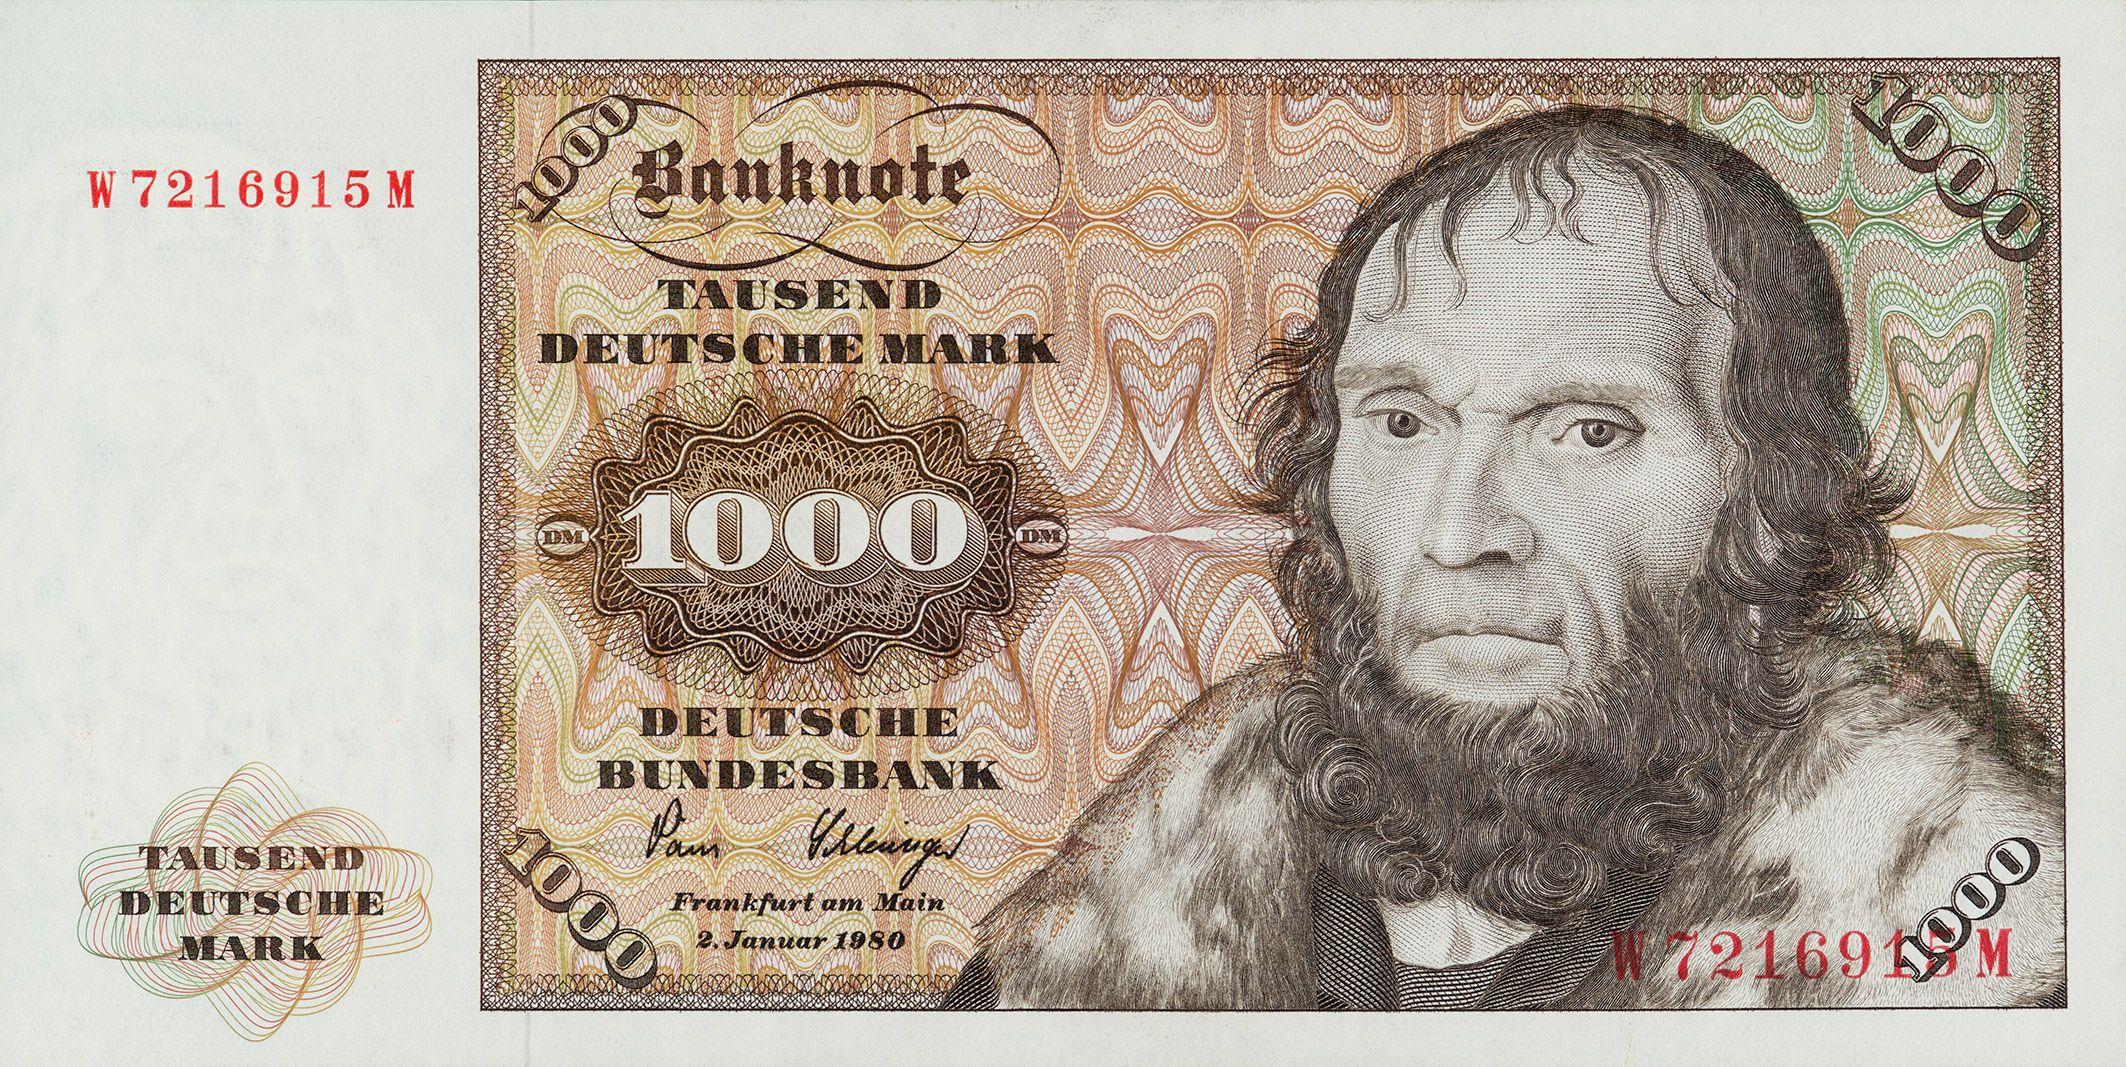 1000 DM Deutsche mark, Altes geld, Kindheitserinnerungen